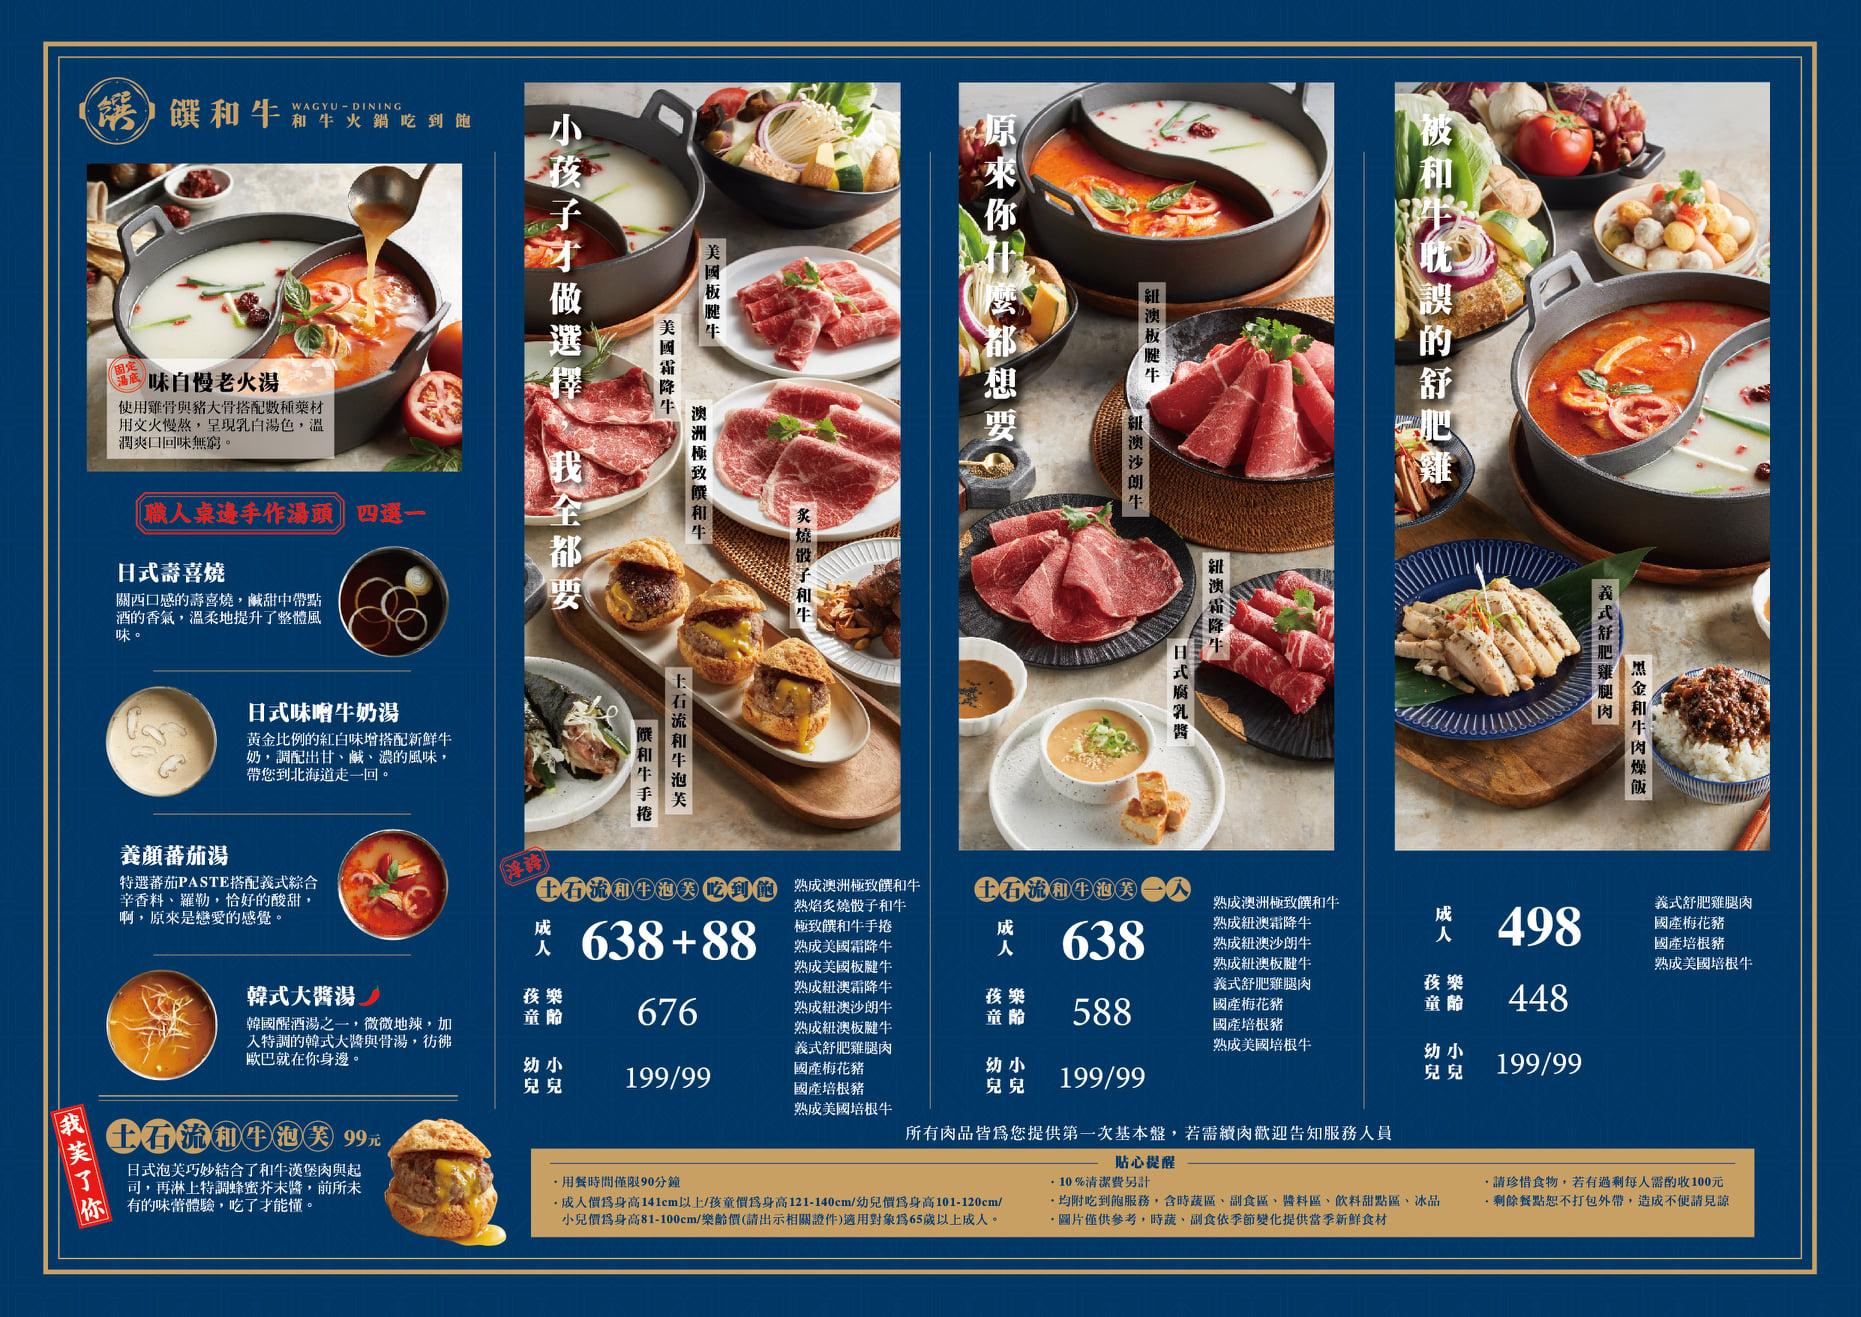 淡水老街美食|饌和牛|澳洲和牛吃到飽+5種湯頭(菜單、價格)